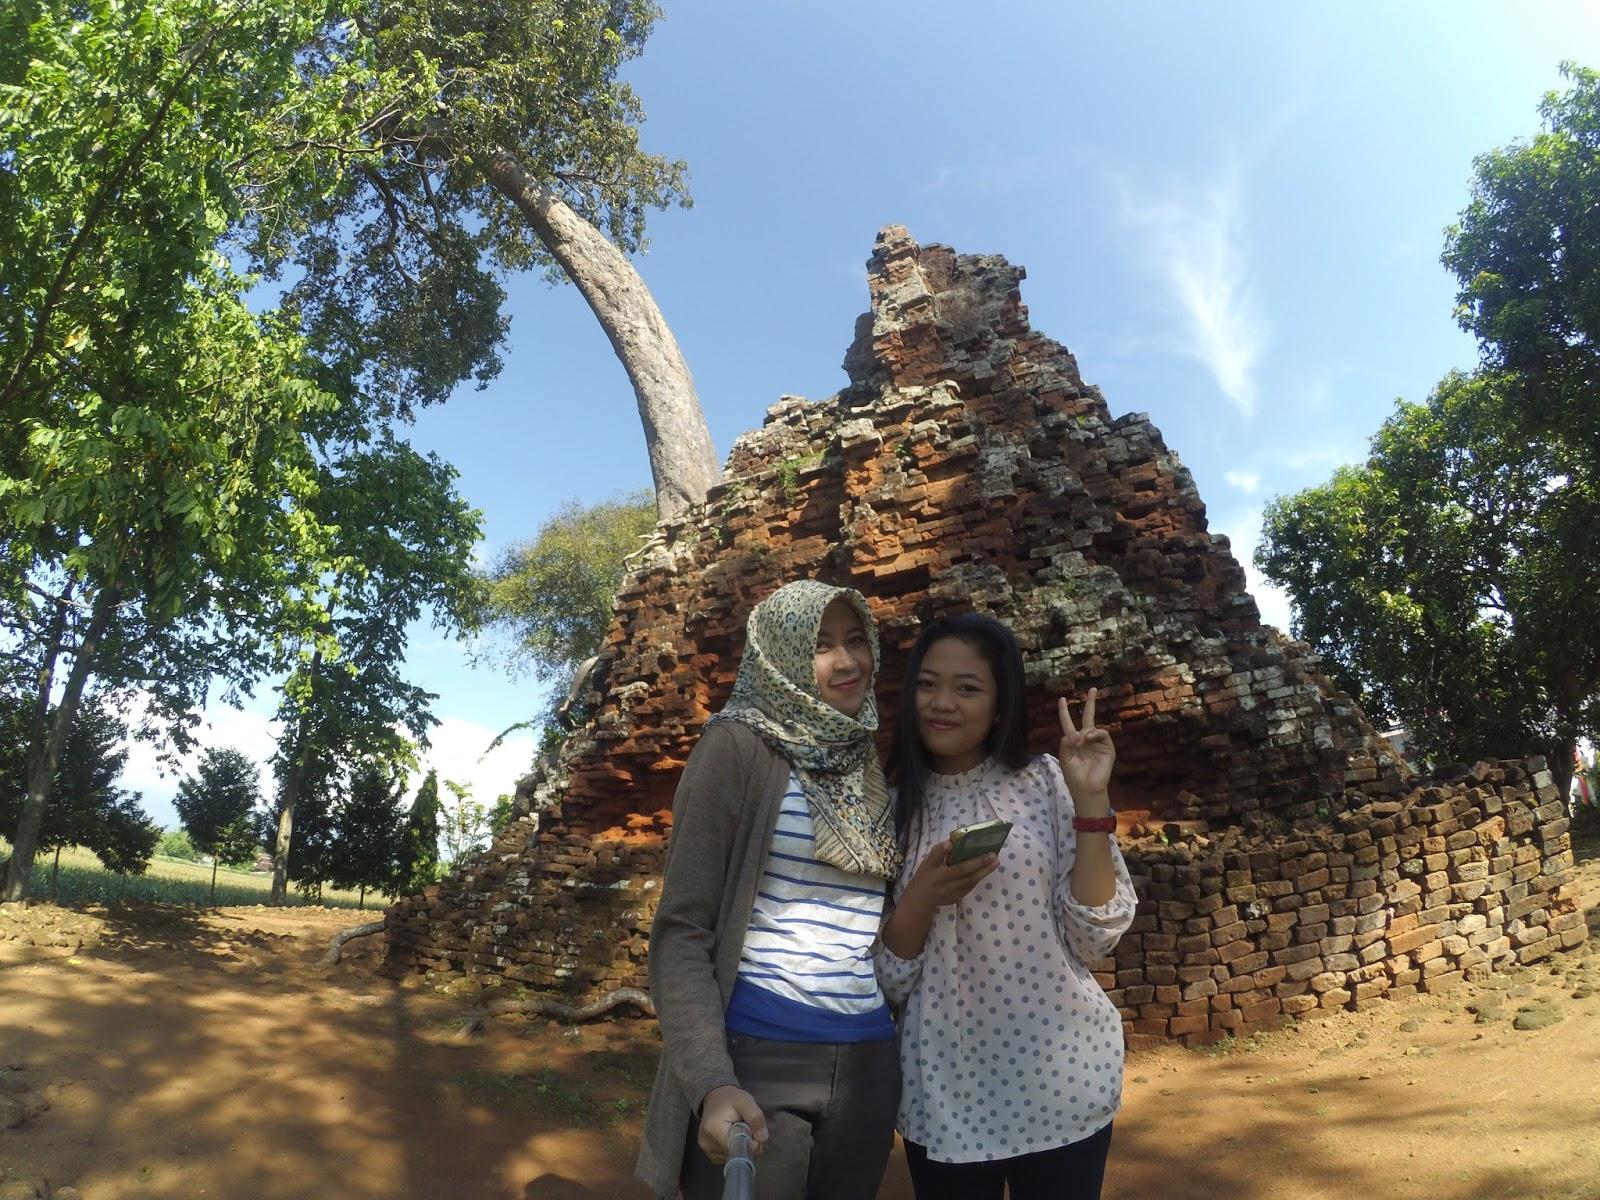 Candi Tertua Lor Kota Kabupaten Nganjuk Wisata Berlibur Bersama Keluarga